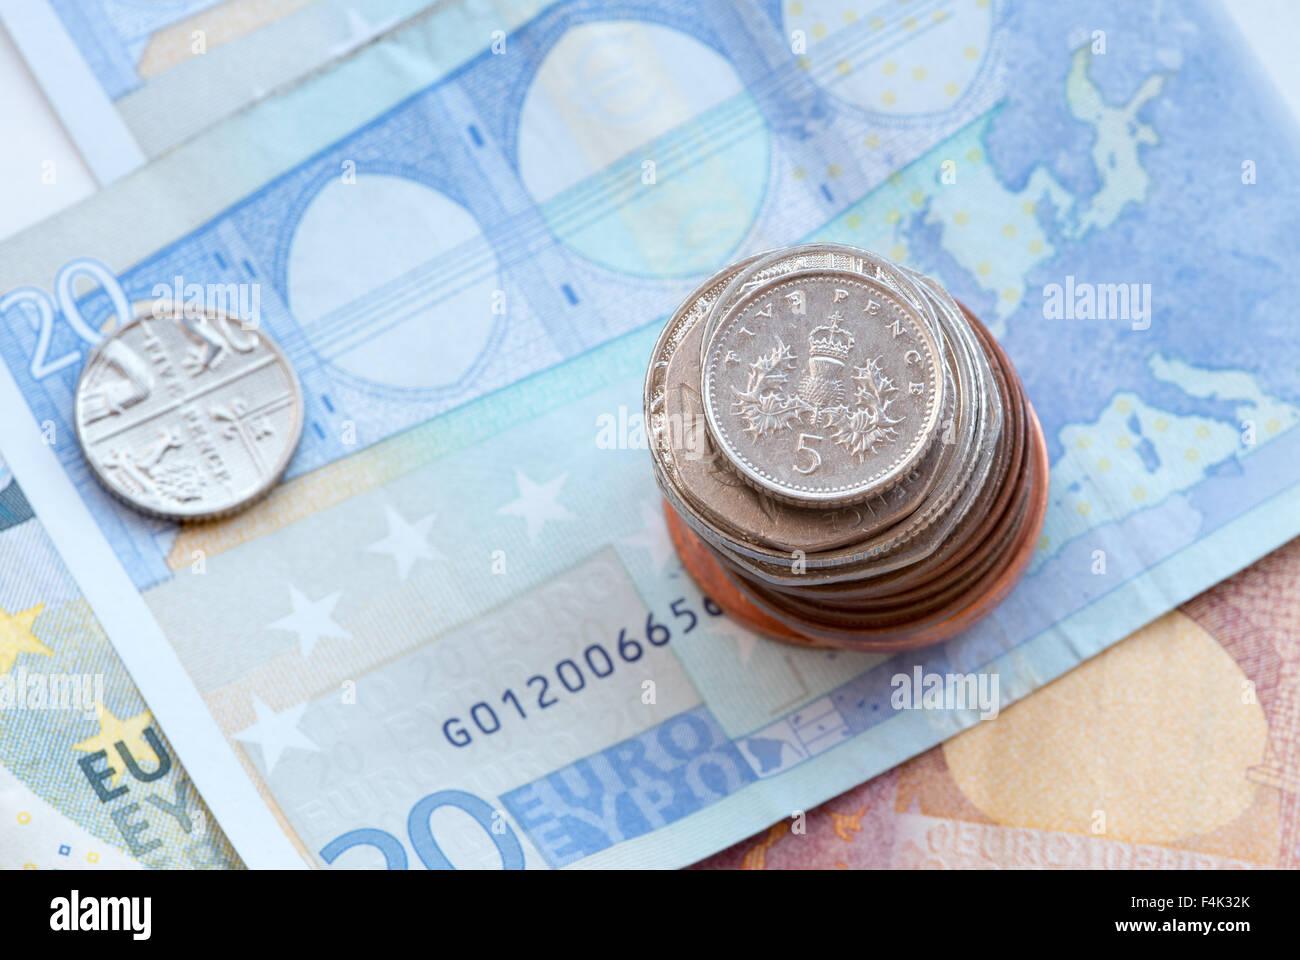 Britische fünf silbernen Pence Münze auf einem Haufen von Münzen und 20 Euro-Banknoten Stockfoto